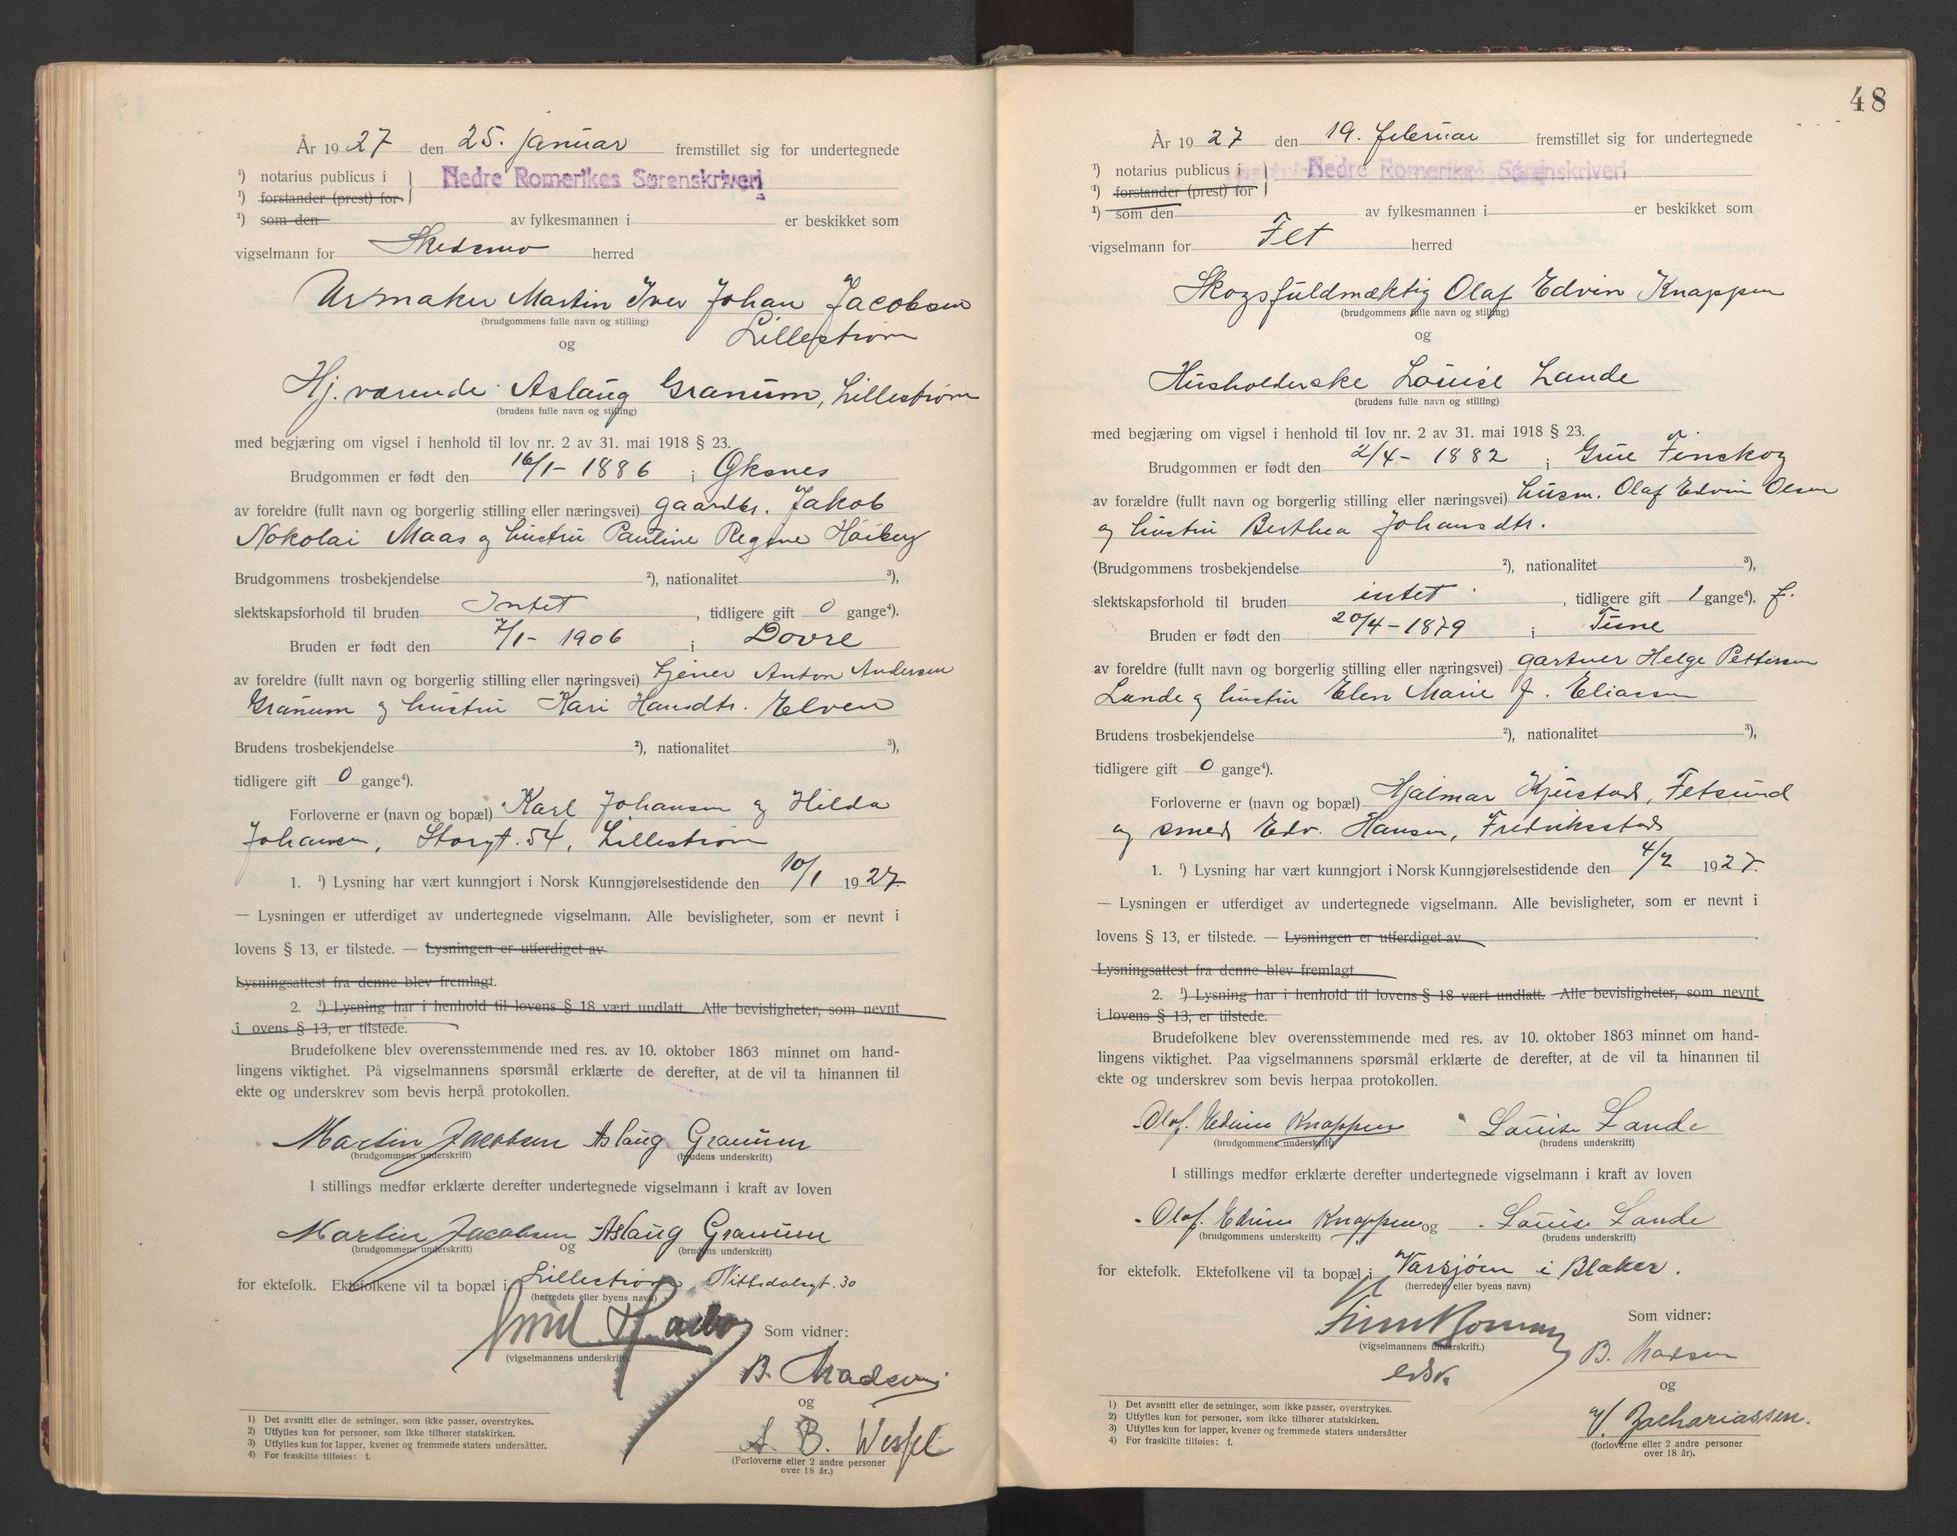 SAO, Nedre Romerike sorenskriveri, L/Lb/L0001: Vigselsbok - borgerlige vielser, 1920-1935, s. 48